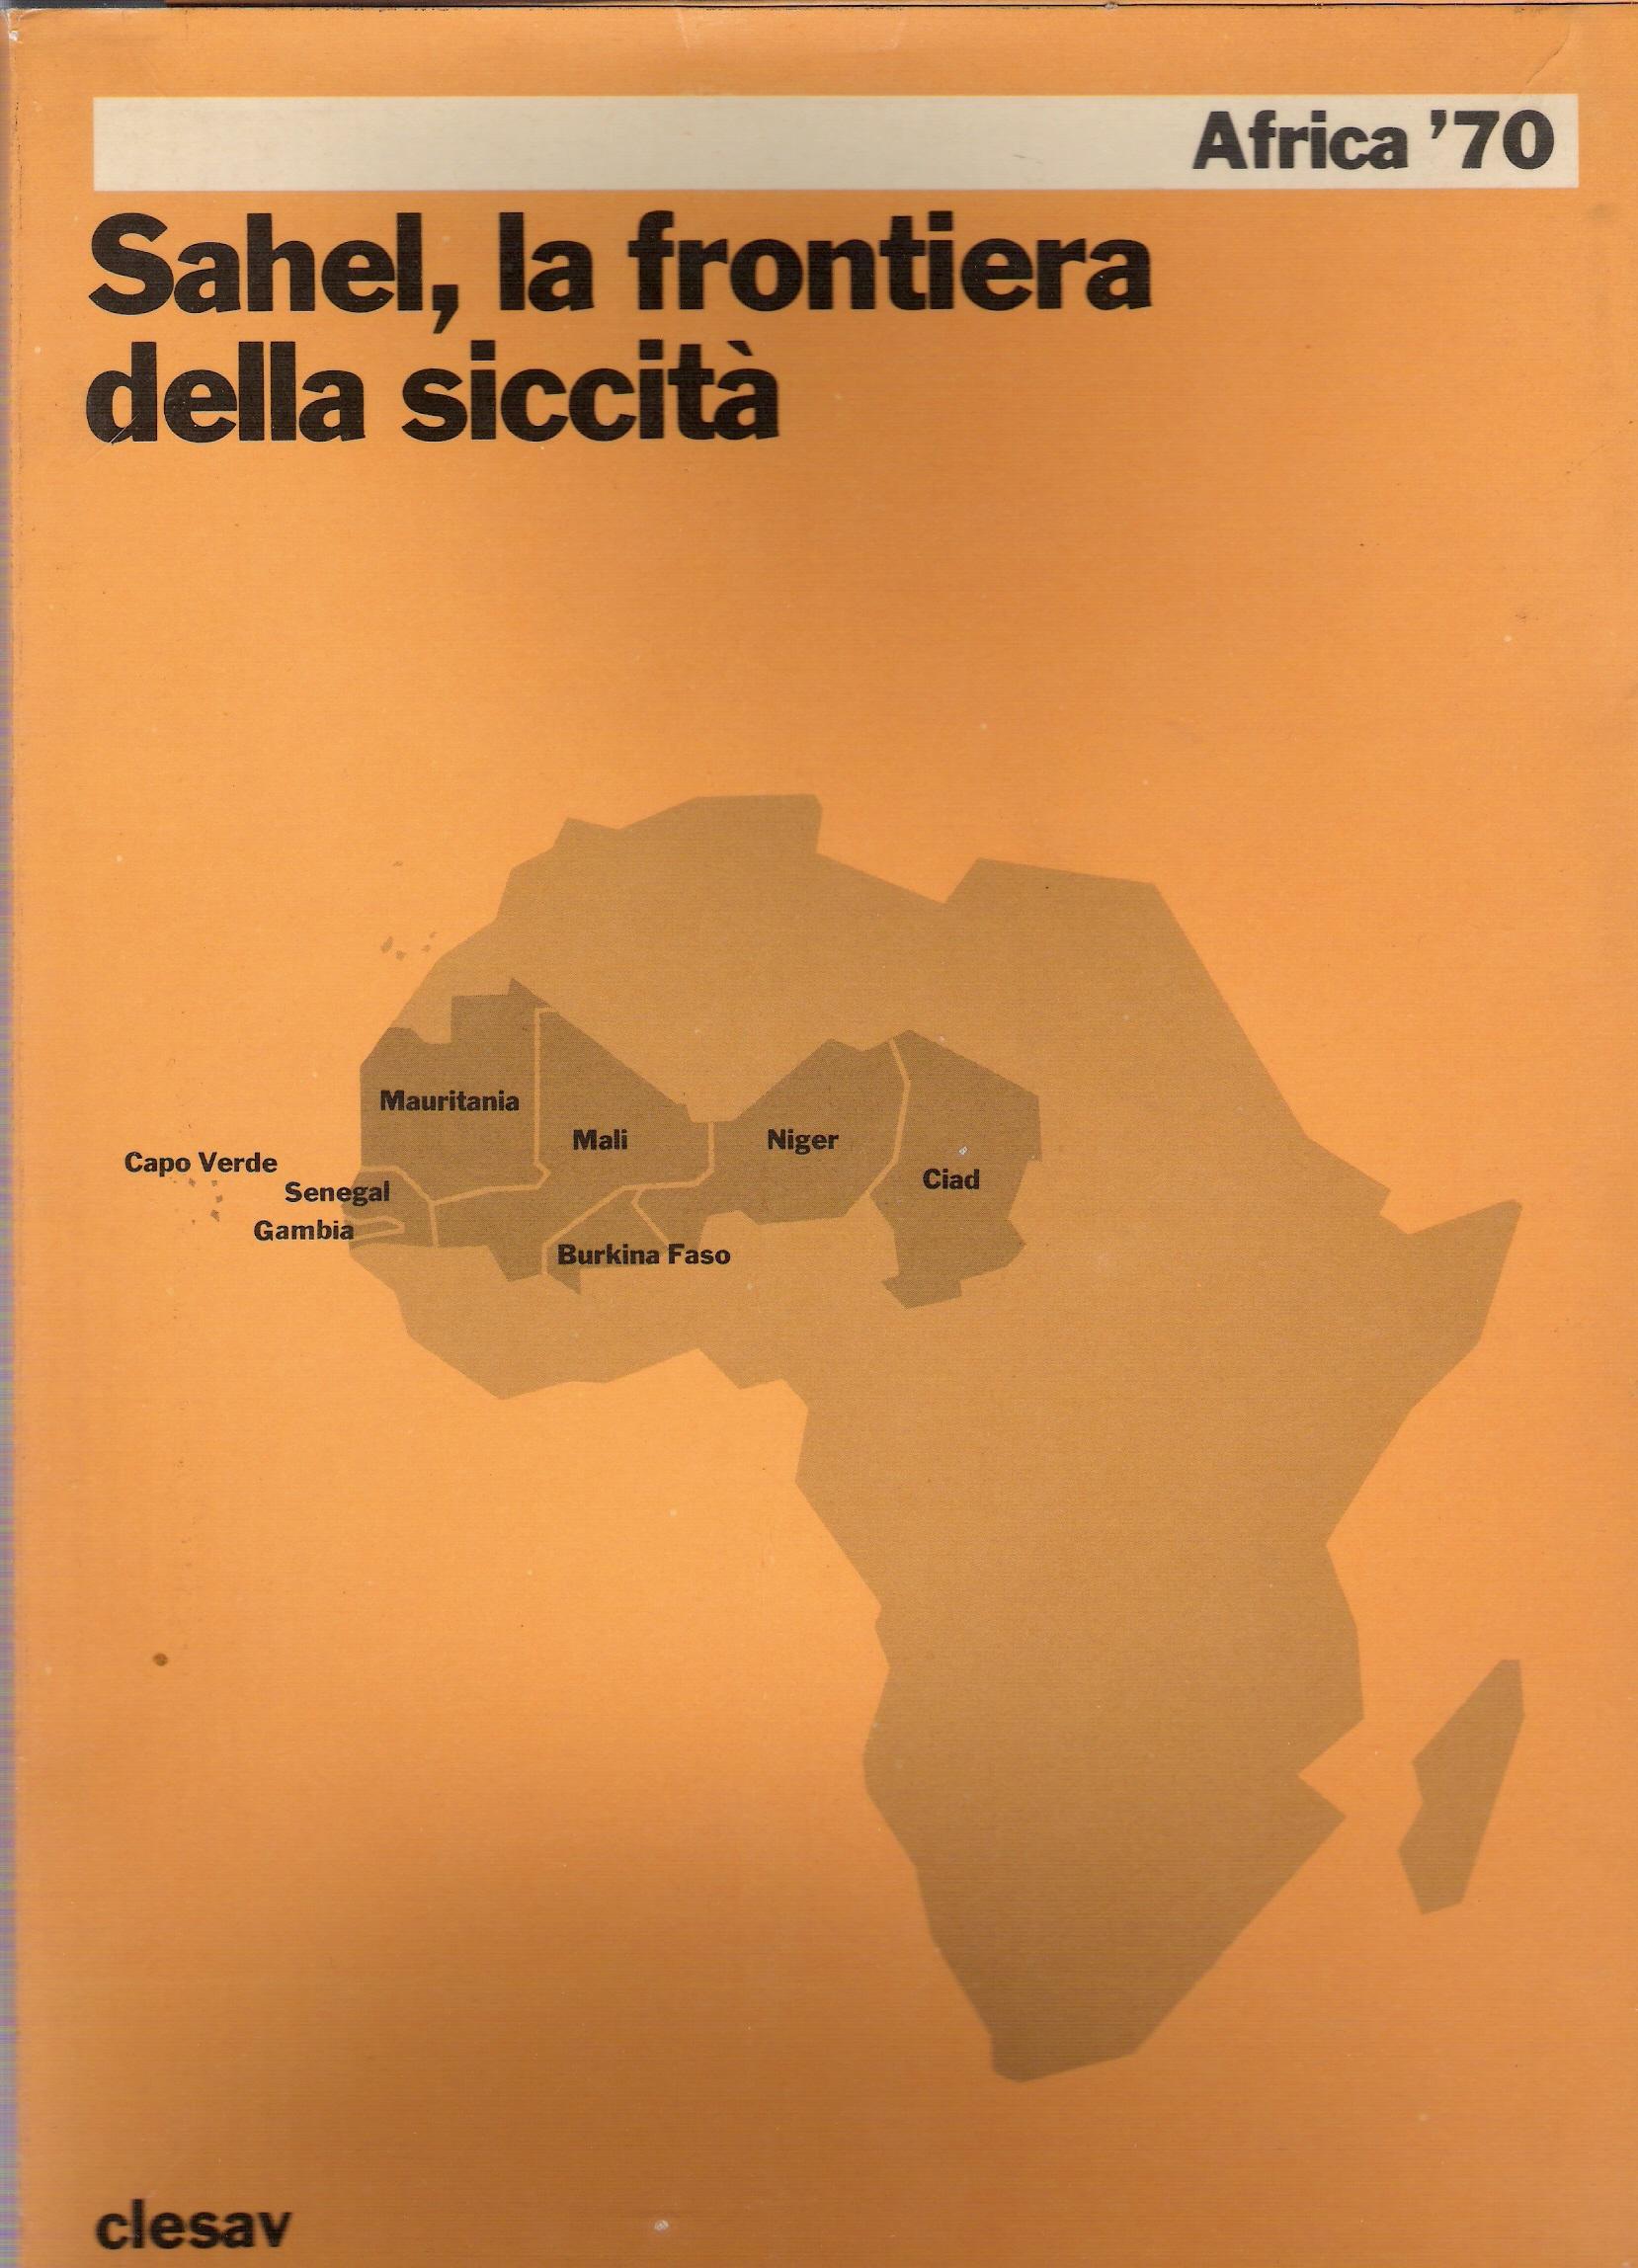 Sahel, la frontiera della siccità